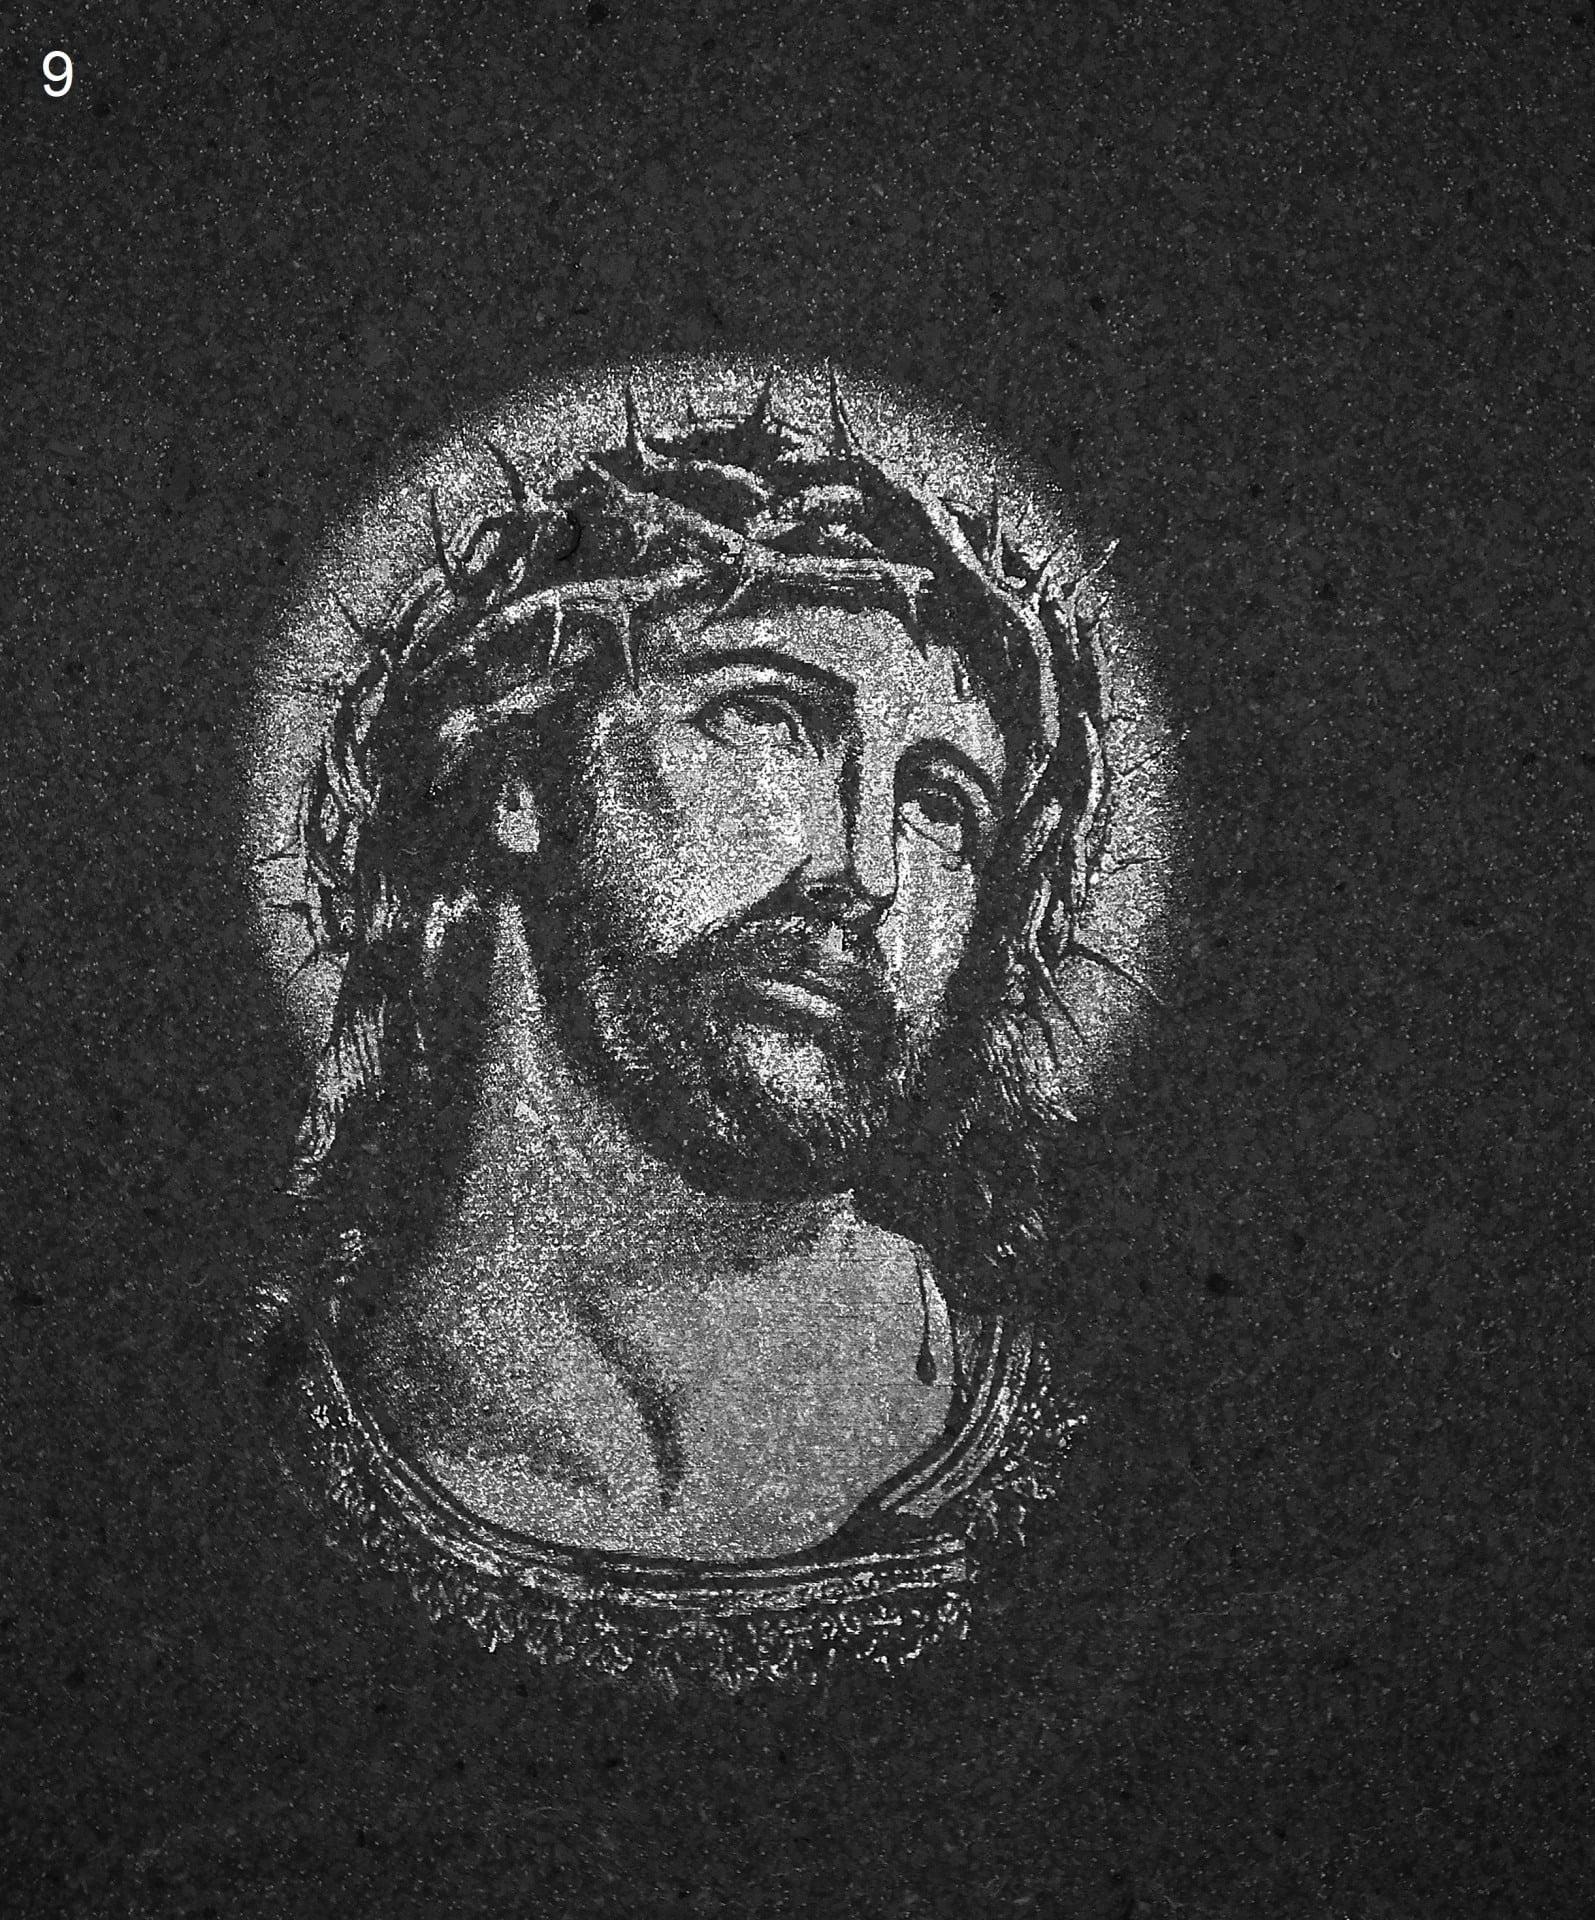 Jezus z koroną cierniową - Nagrobki Bielsko-Biała